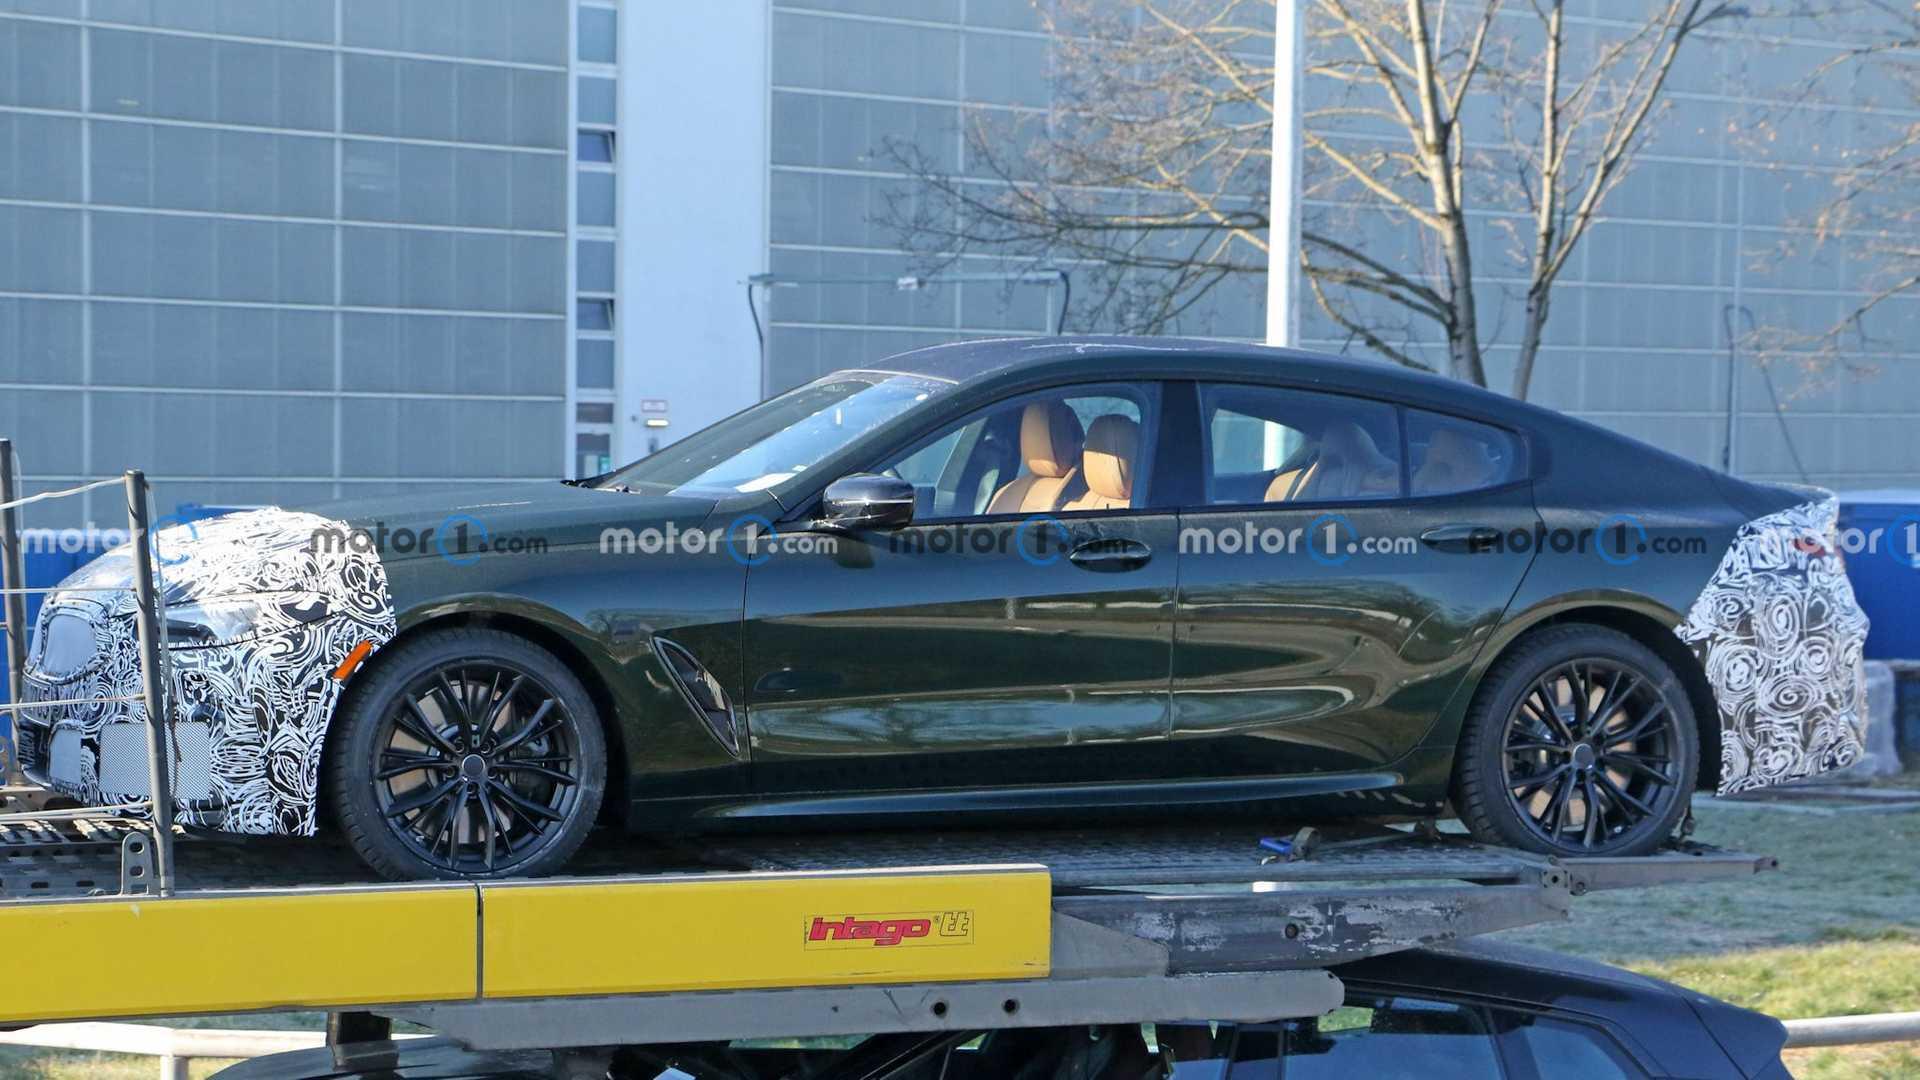 تصاویری از مدل به روز شده BMW ۸ سری گرن کوپه شکار شد